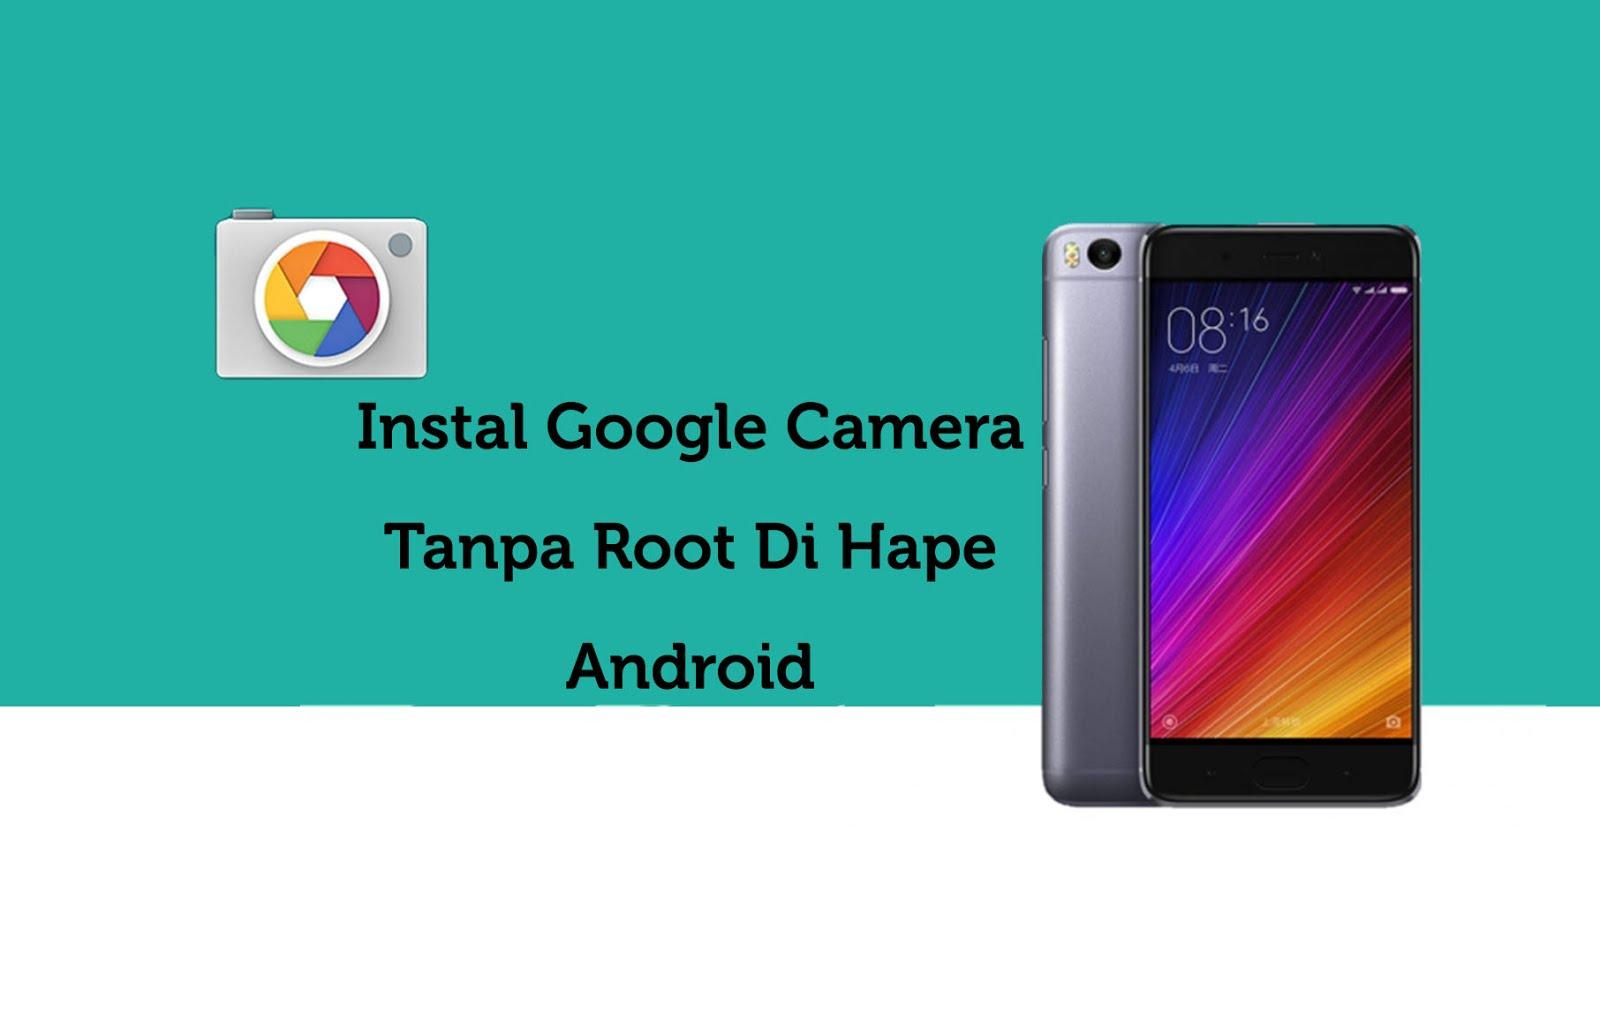 Instal Google Camera Tanpa Root Di Hape Android